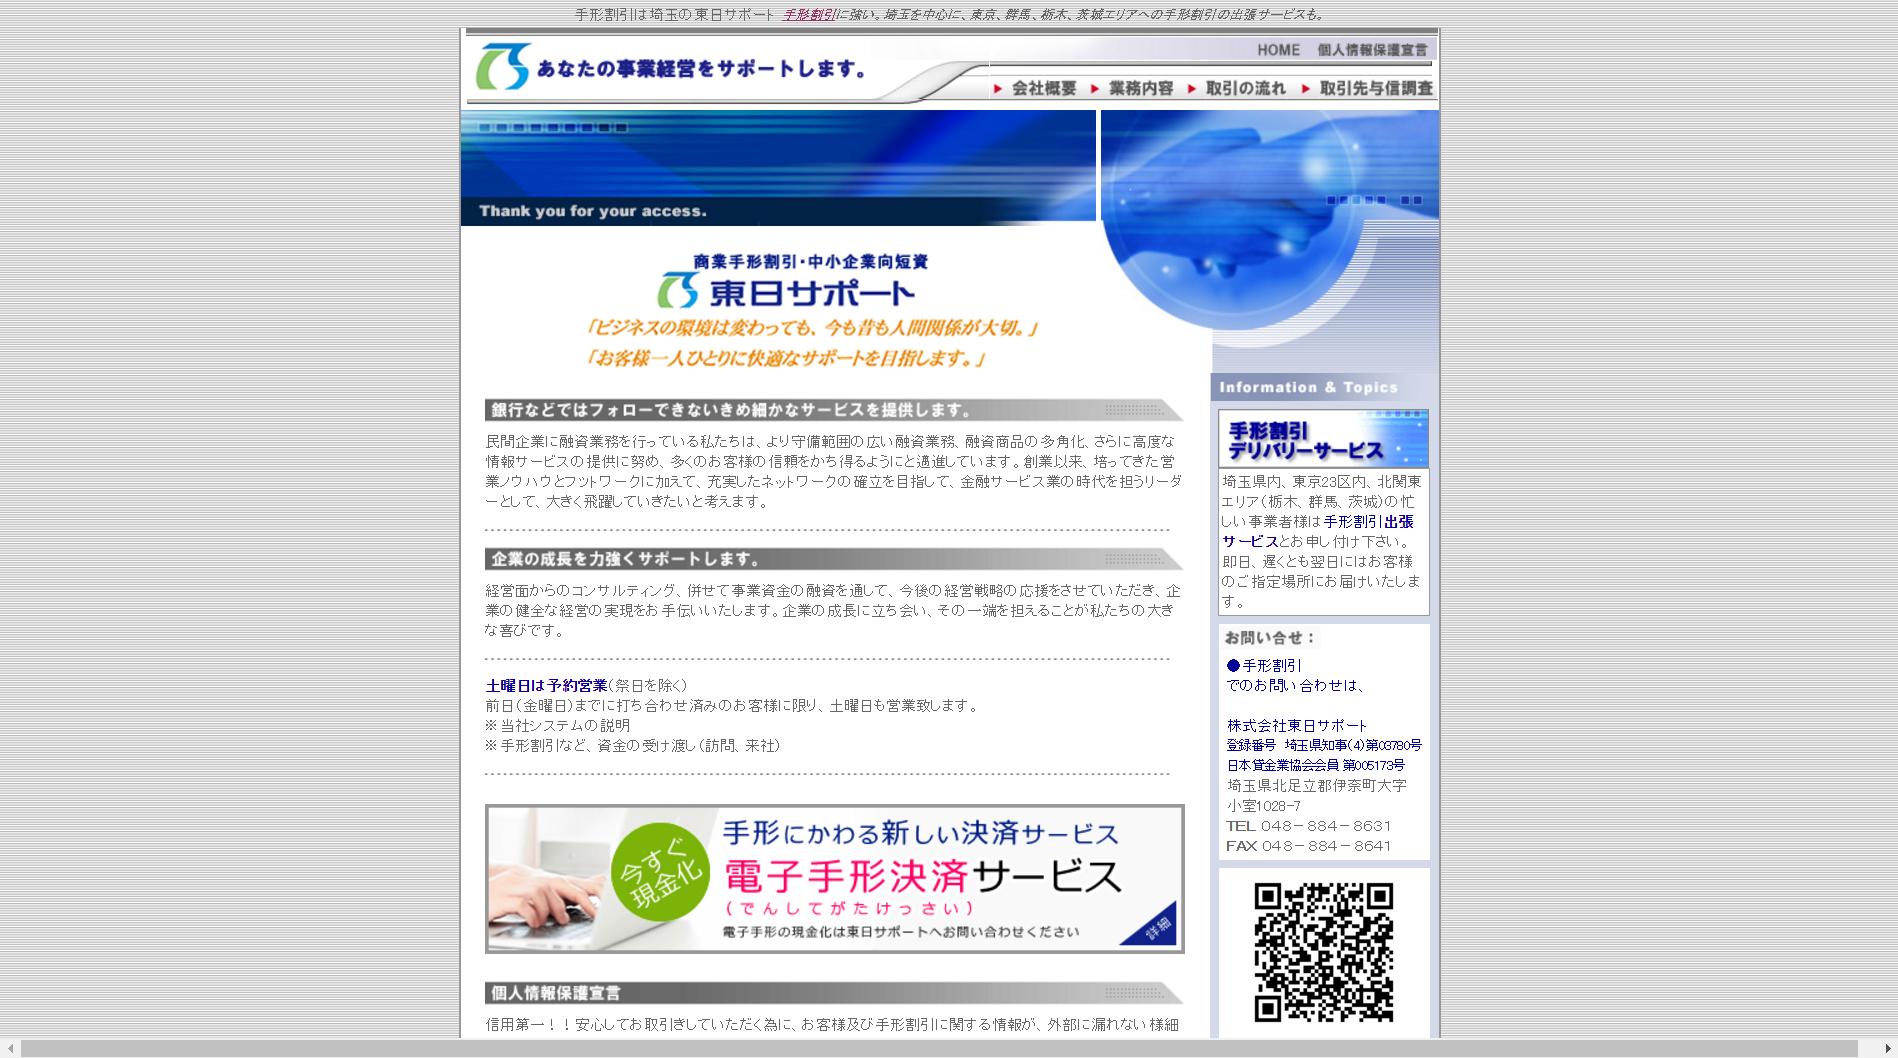 東日サポート(埼玉県伊奈町小室)